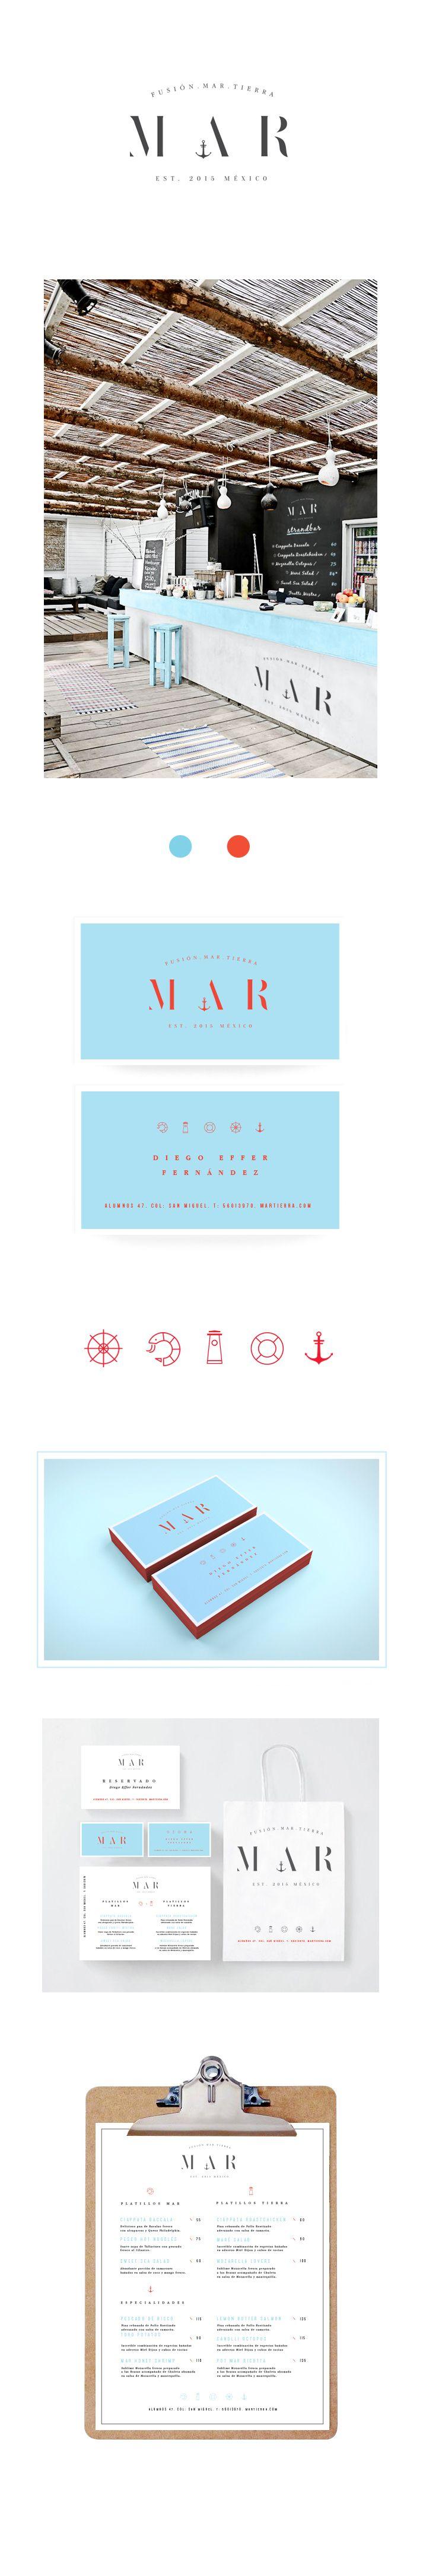 Se realizó una propuesta alternativa de Branding para el Proyecto de un Restaurante de Mariscos; la diversidad de platillos se expone por medio de los iconos, la sencillez y abstracción de cada uno logran empatía con el concepto bajo la premisa de ser un